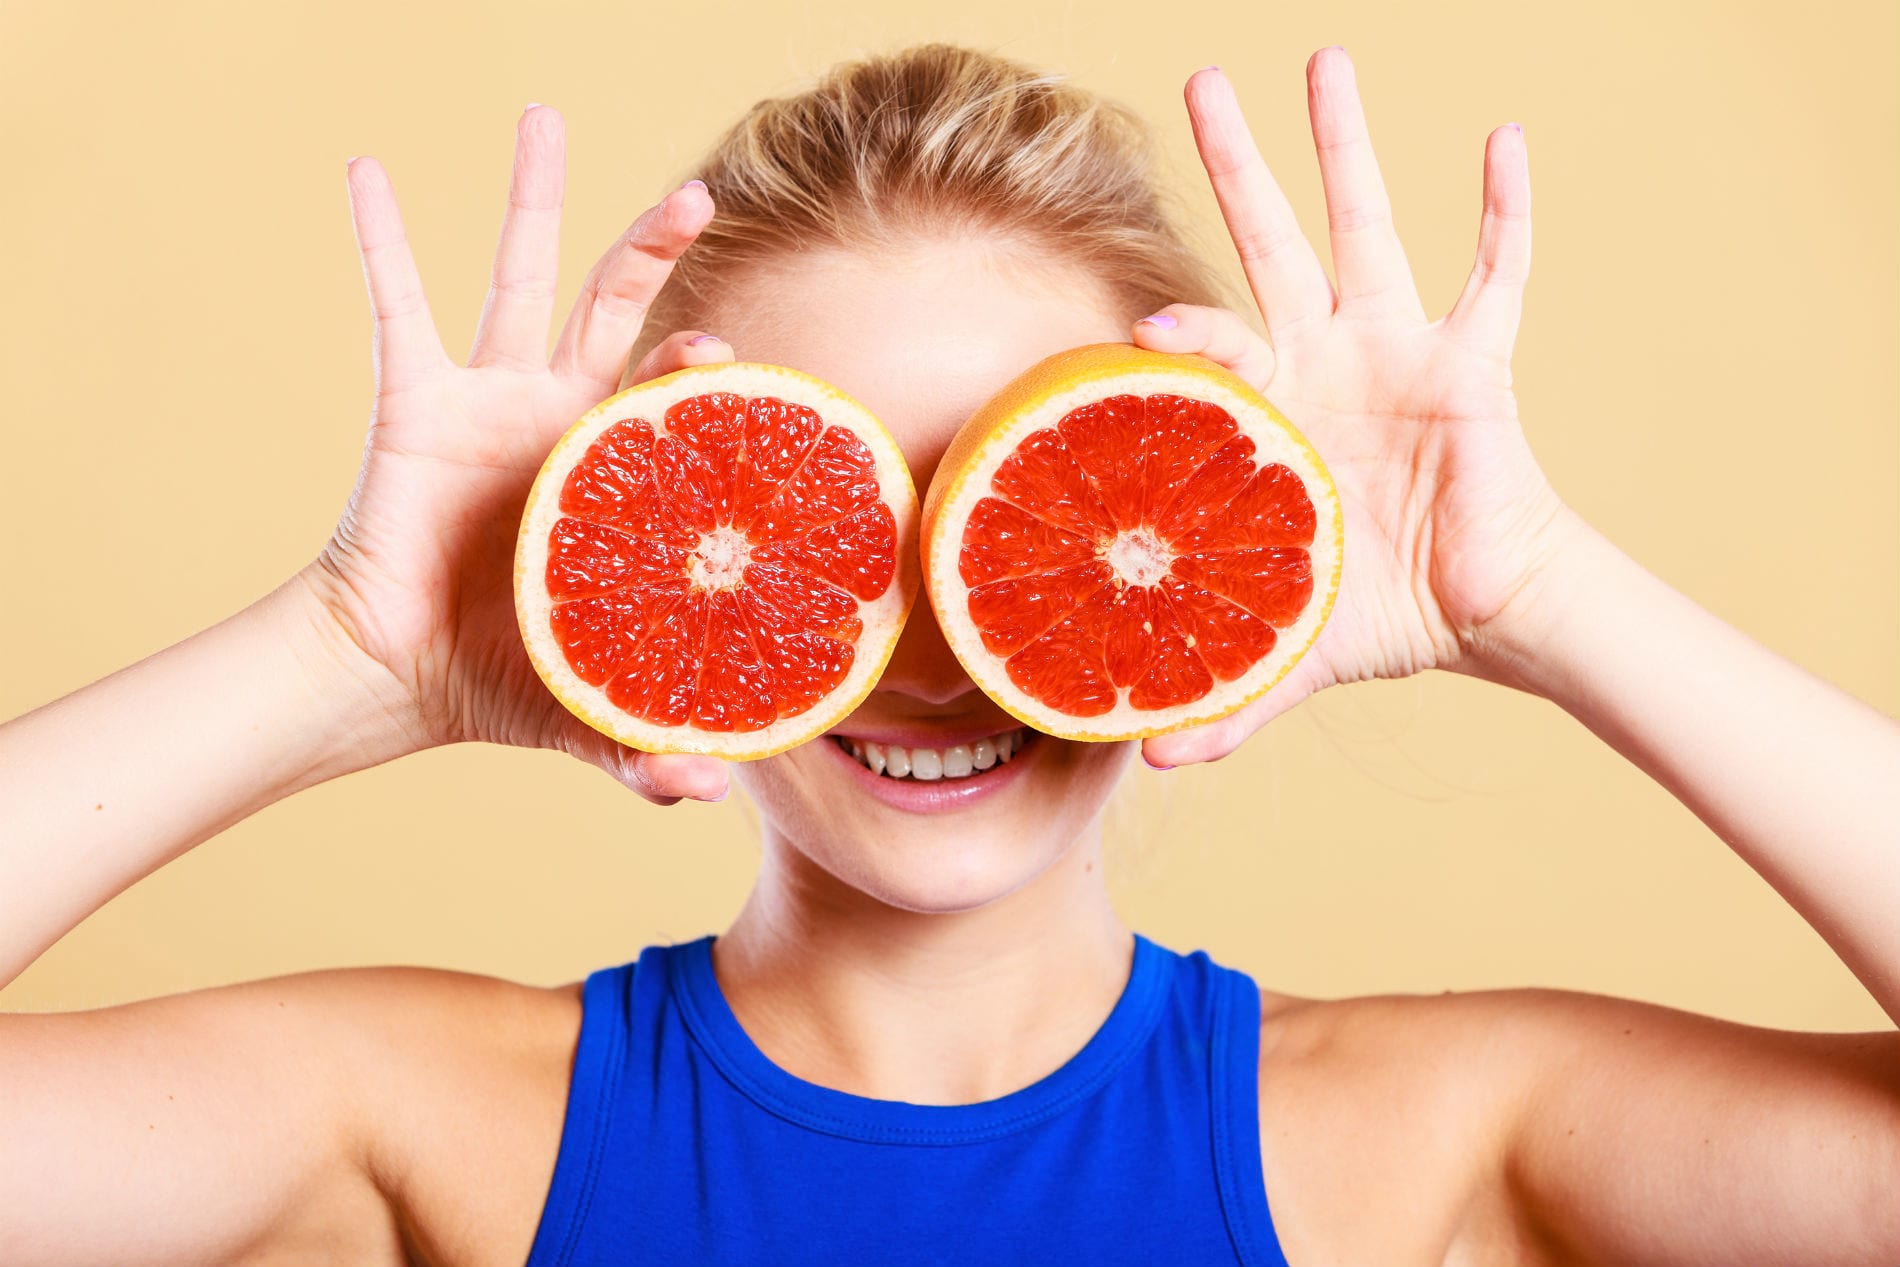 Грейпфрут: польза и вред для организма человека, противопоказания, как и сколько можно употреблять